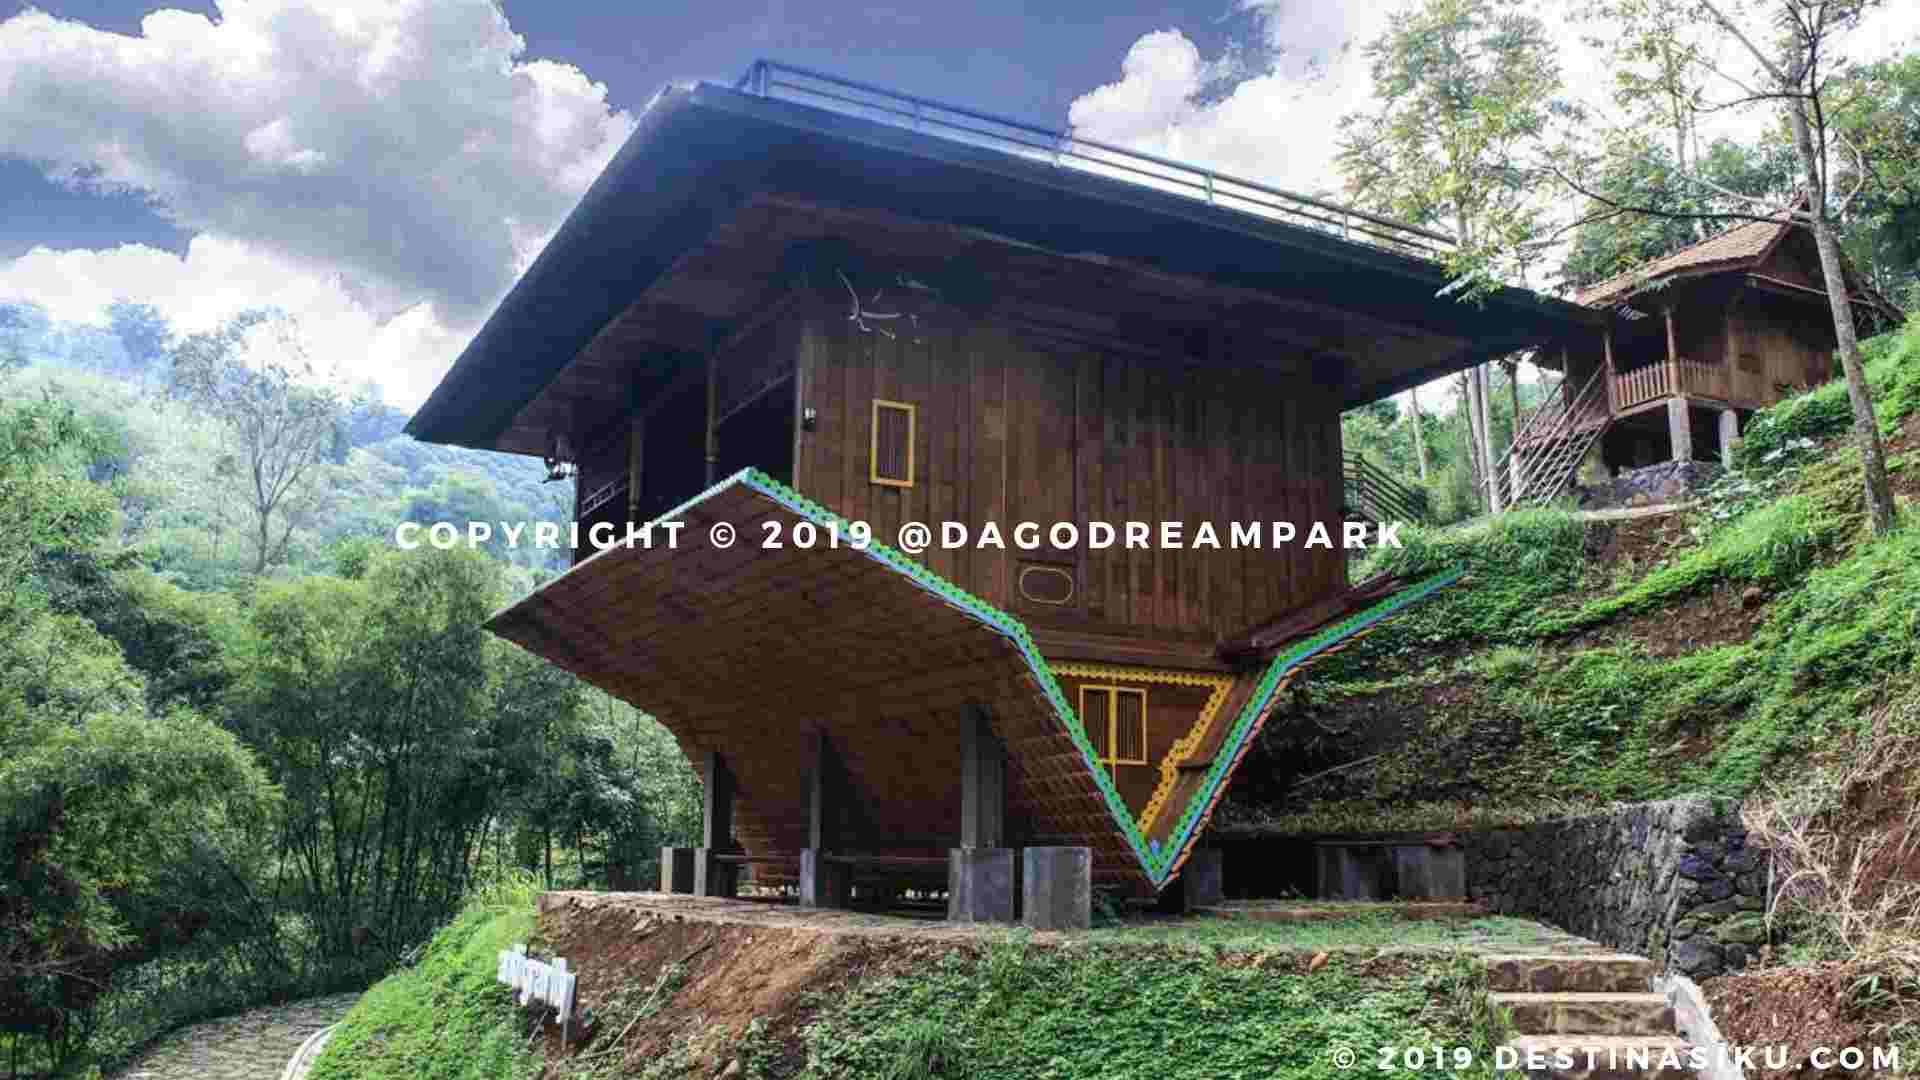 dago dream park area